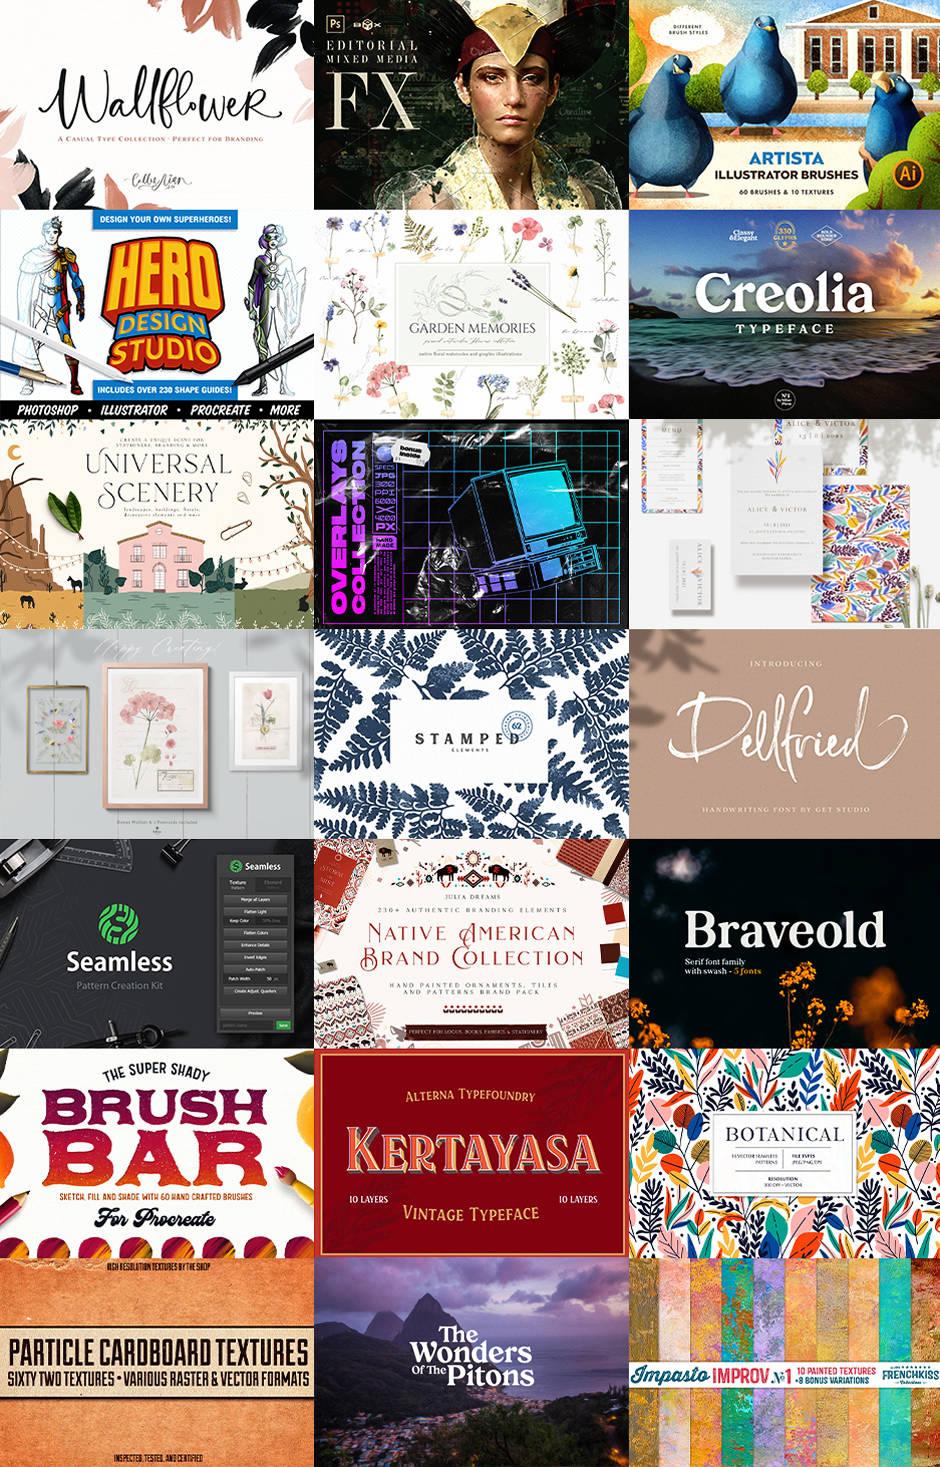 備えて安心!デザイナーのためのデジタル素材帳 (再販)